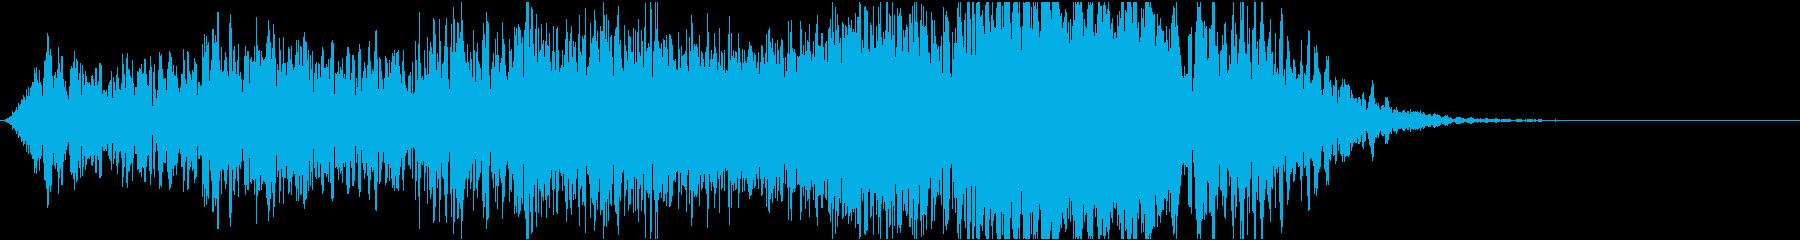 ホラー系効果音02の再生済みの波形